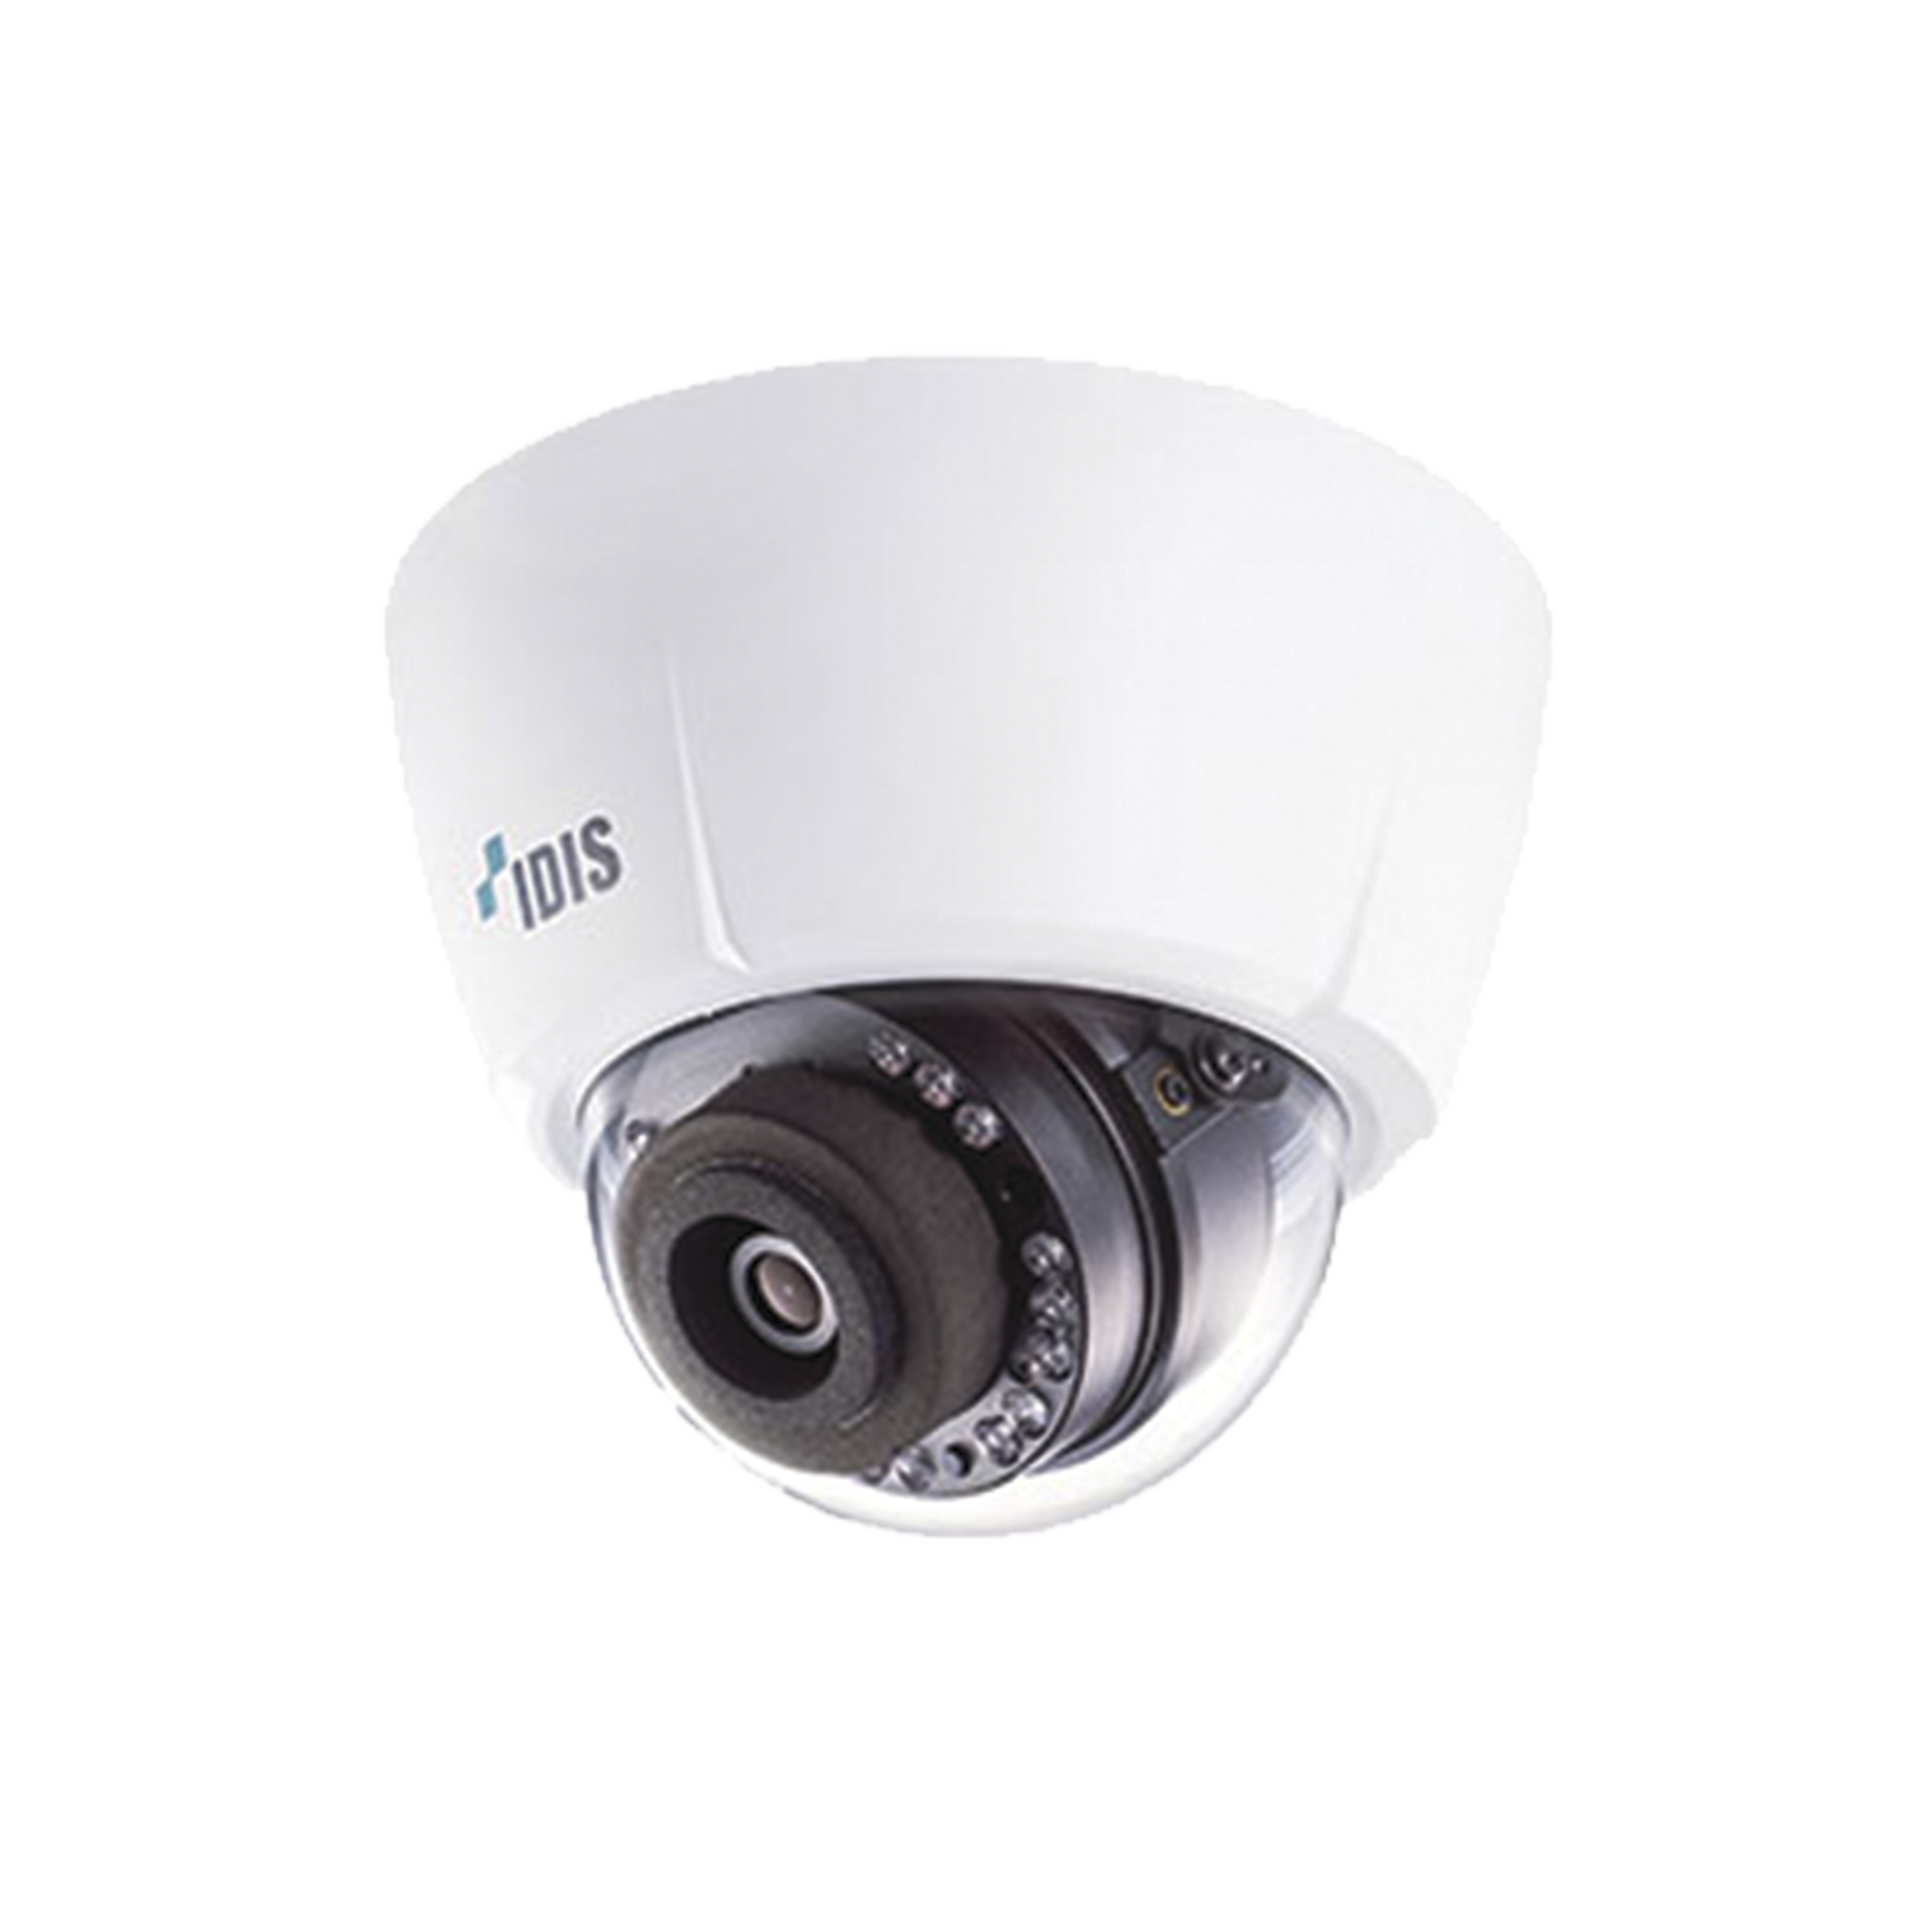 Cámara Domo IP 3 MP | Lente Varifical 3.3 - 10 mm | IR 20 m | PoE | Entrada y Salida de Alarma | Interior | Micro SD